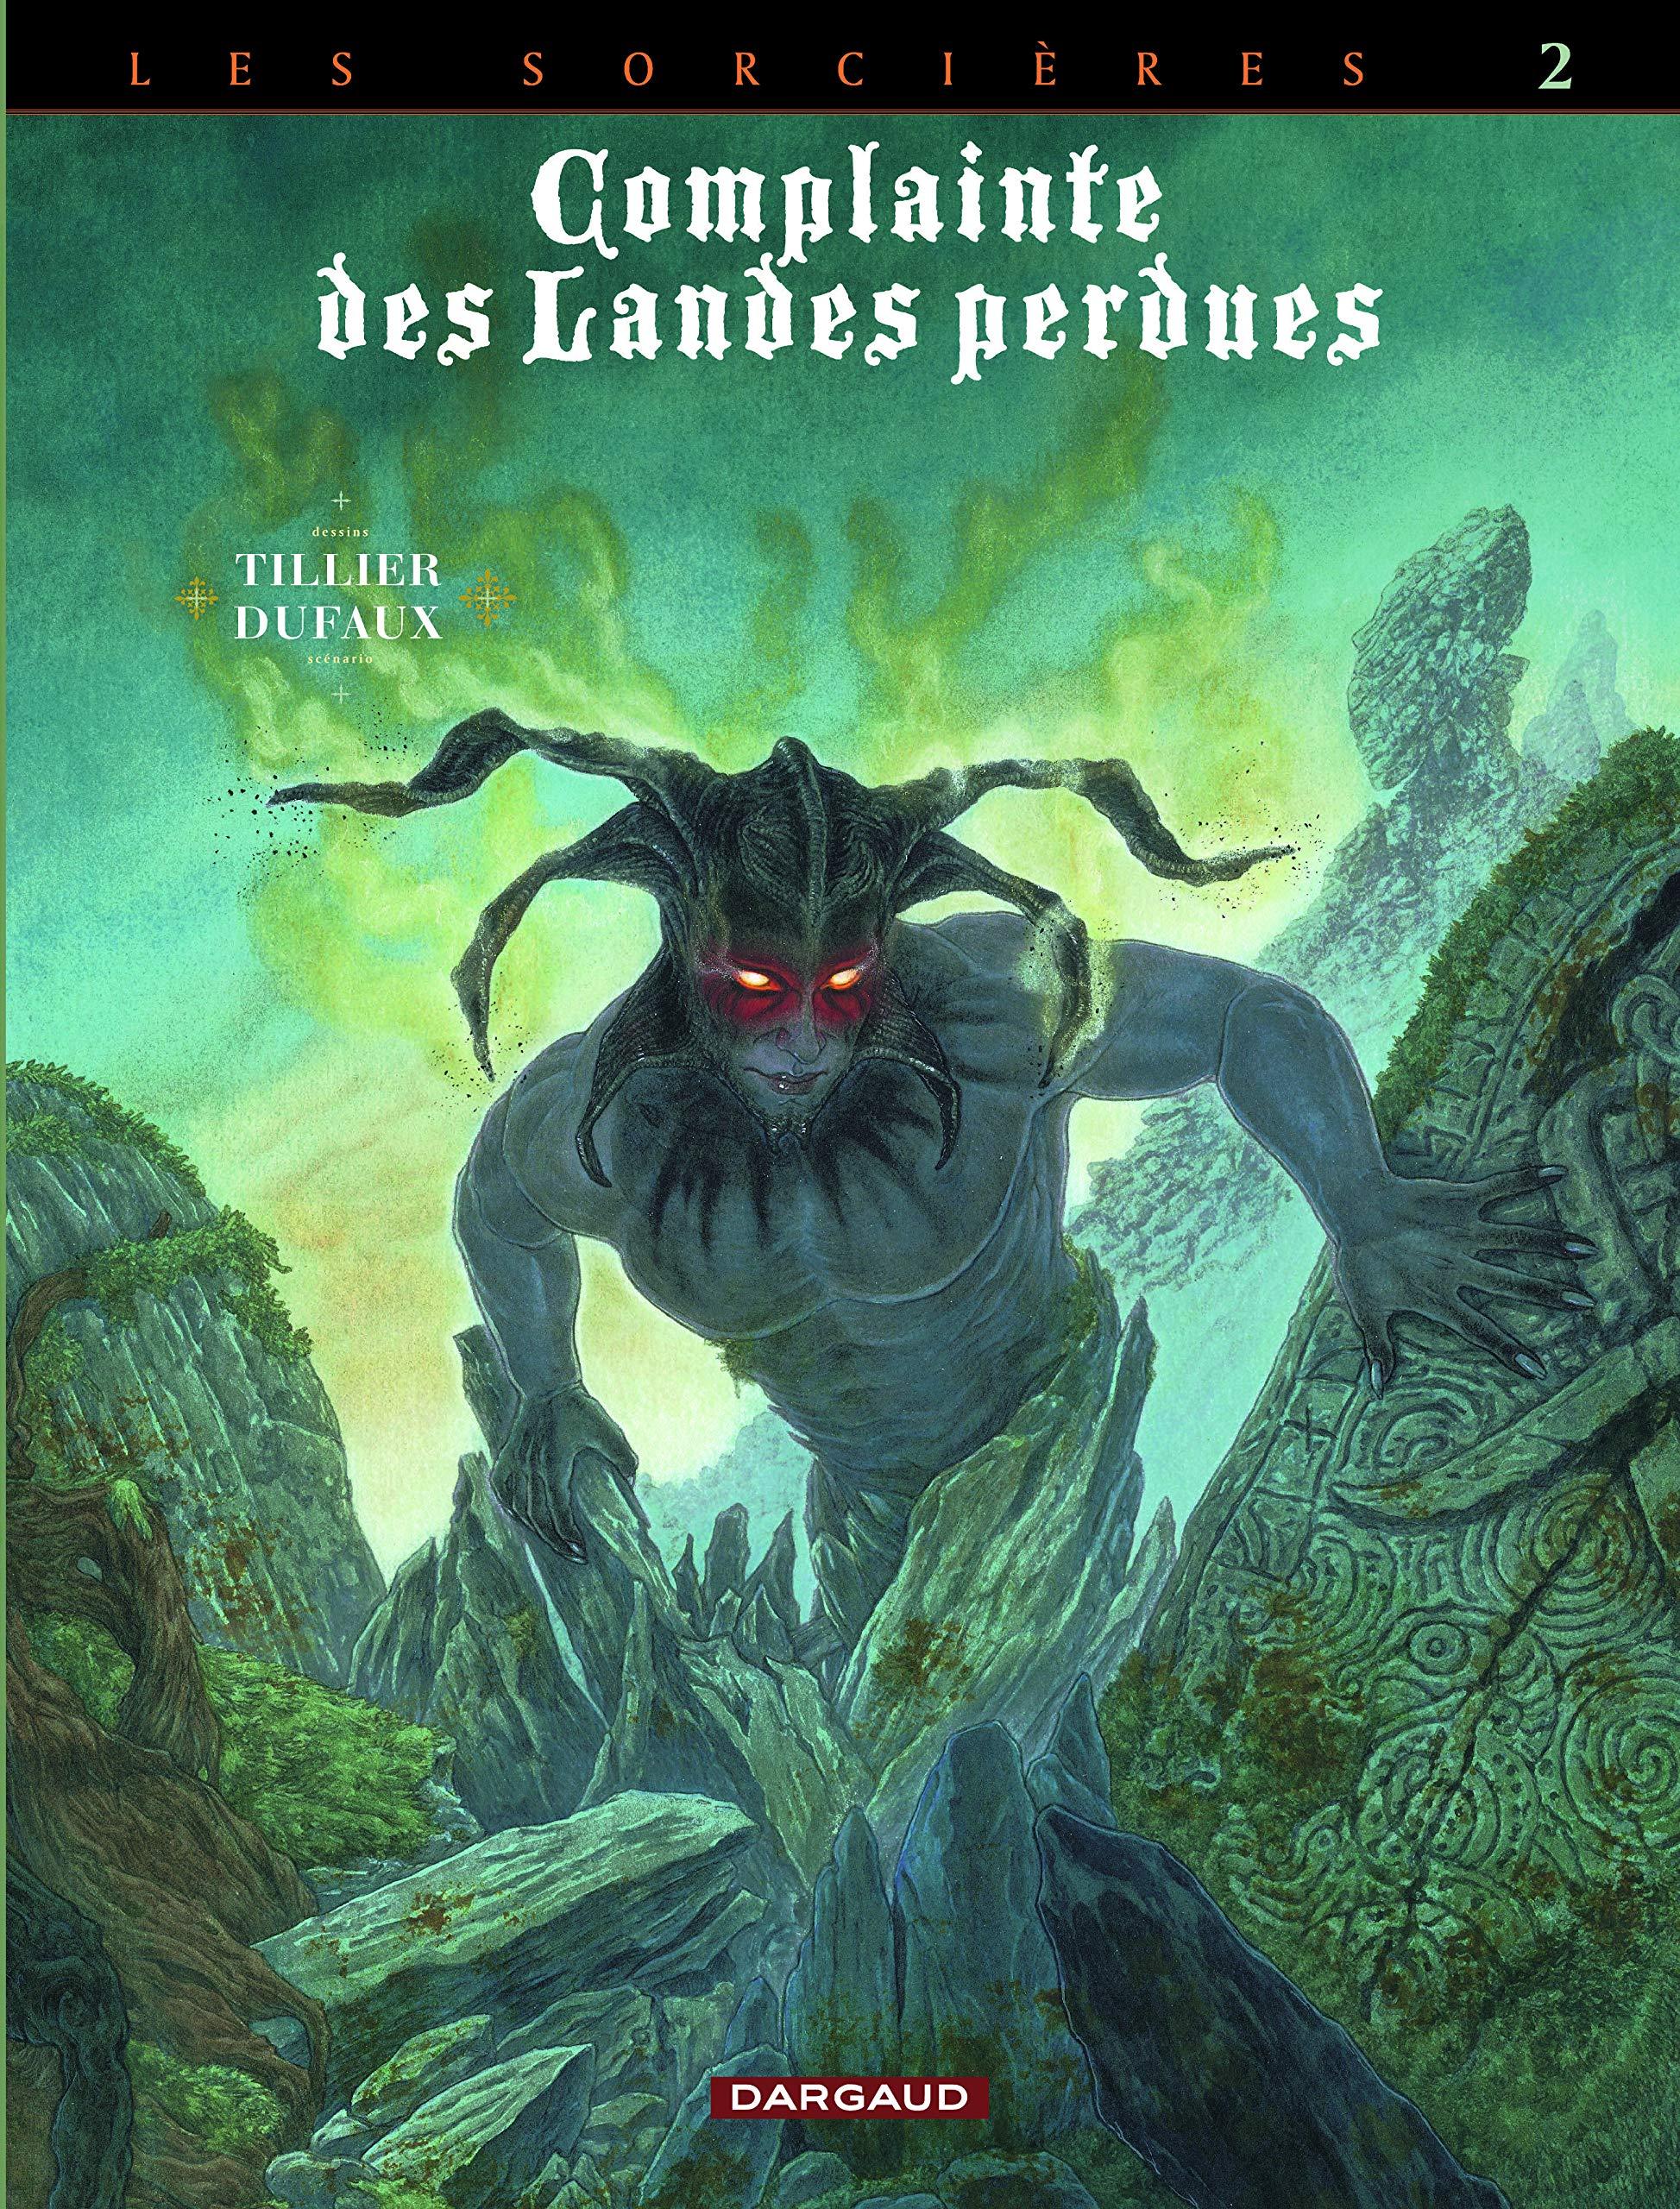 Complainte des landes perdues 10 - Cycle 3 : Les sorcières, Tome 2